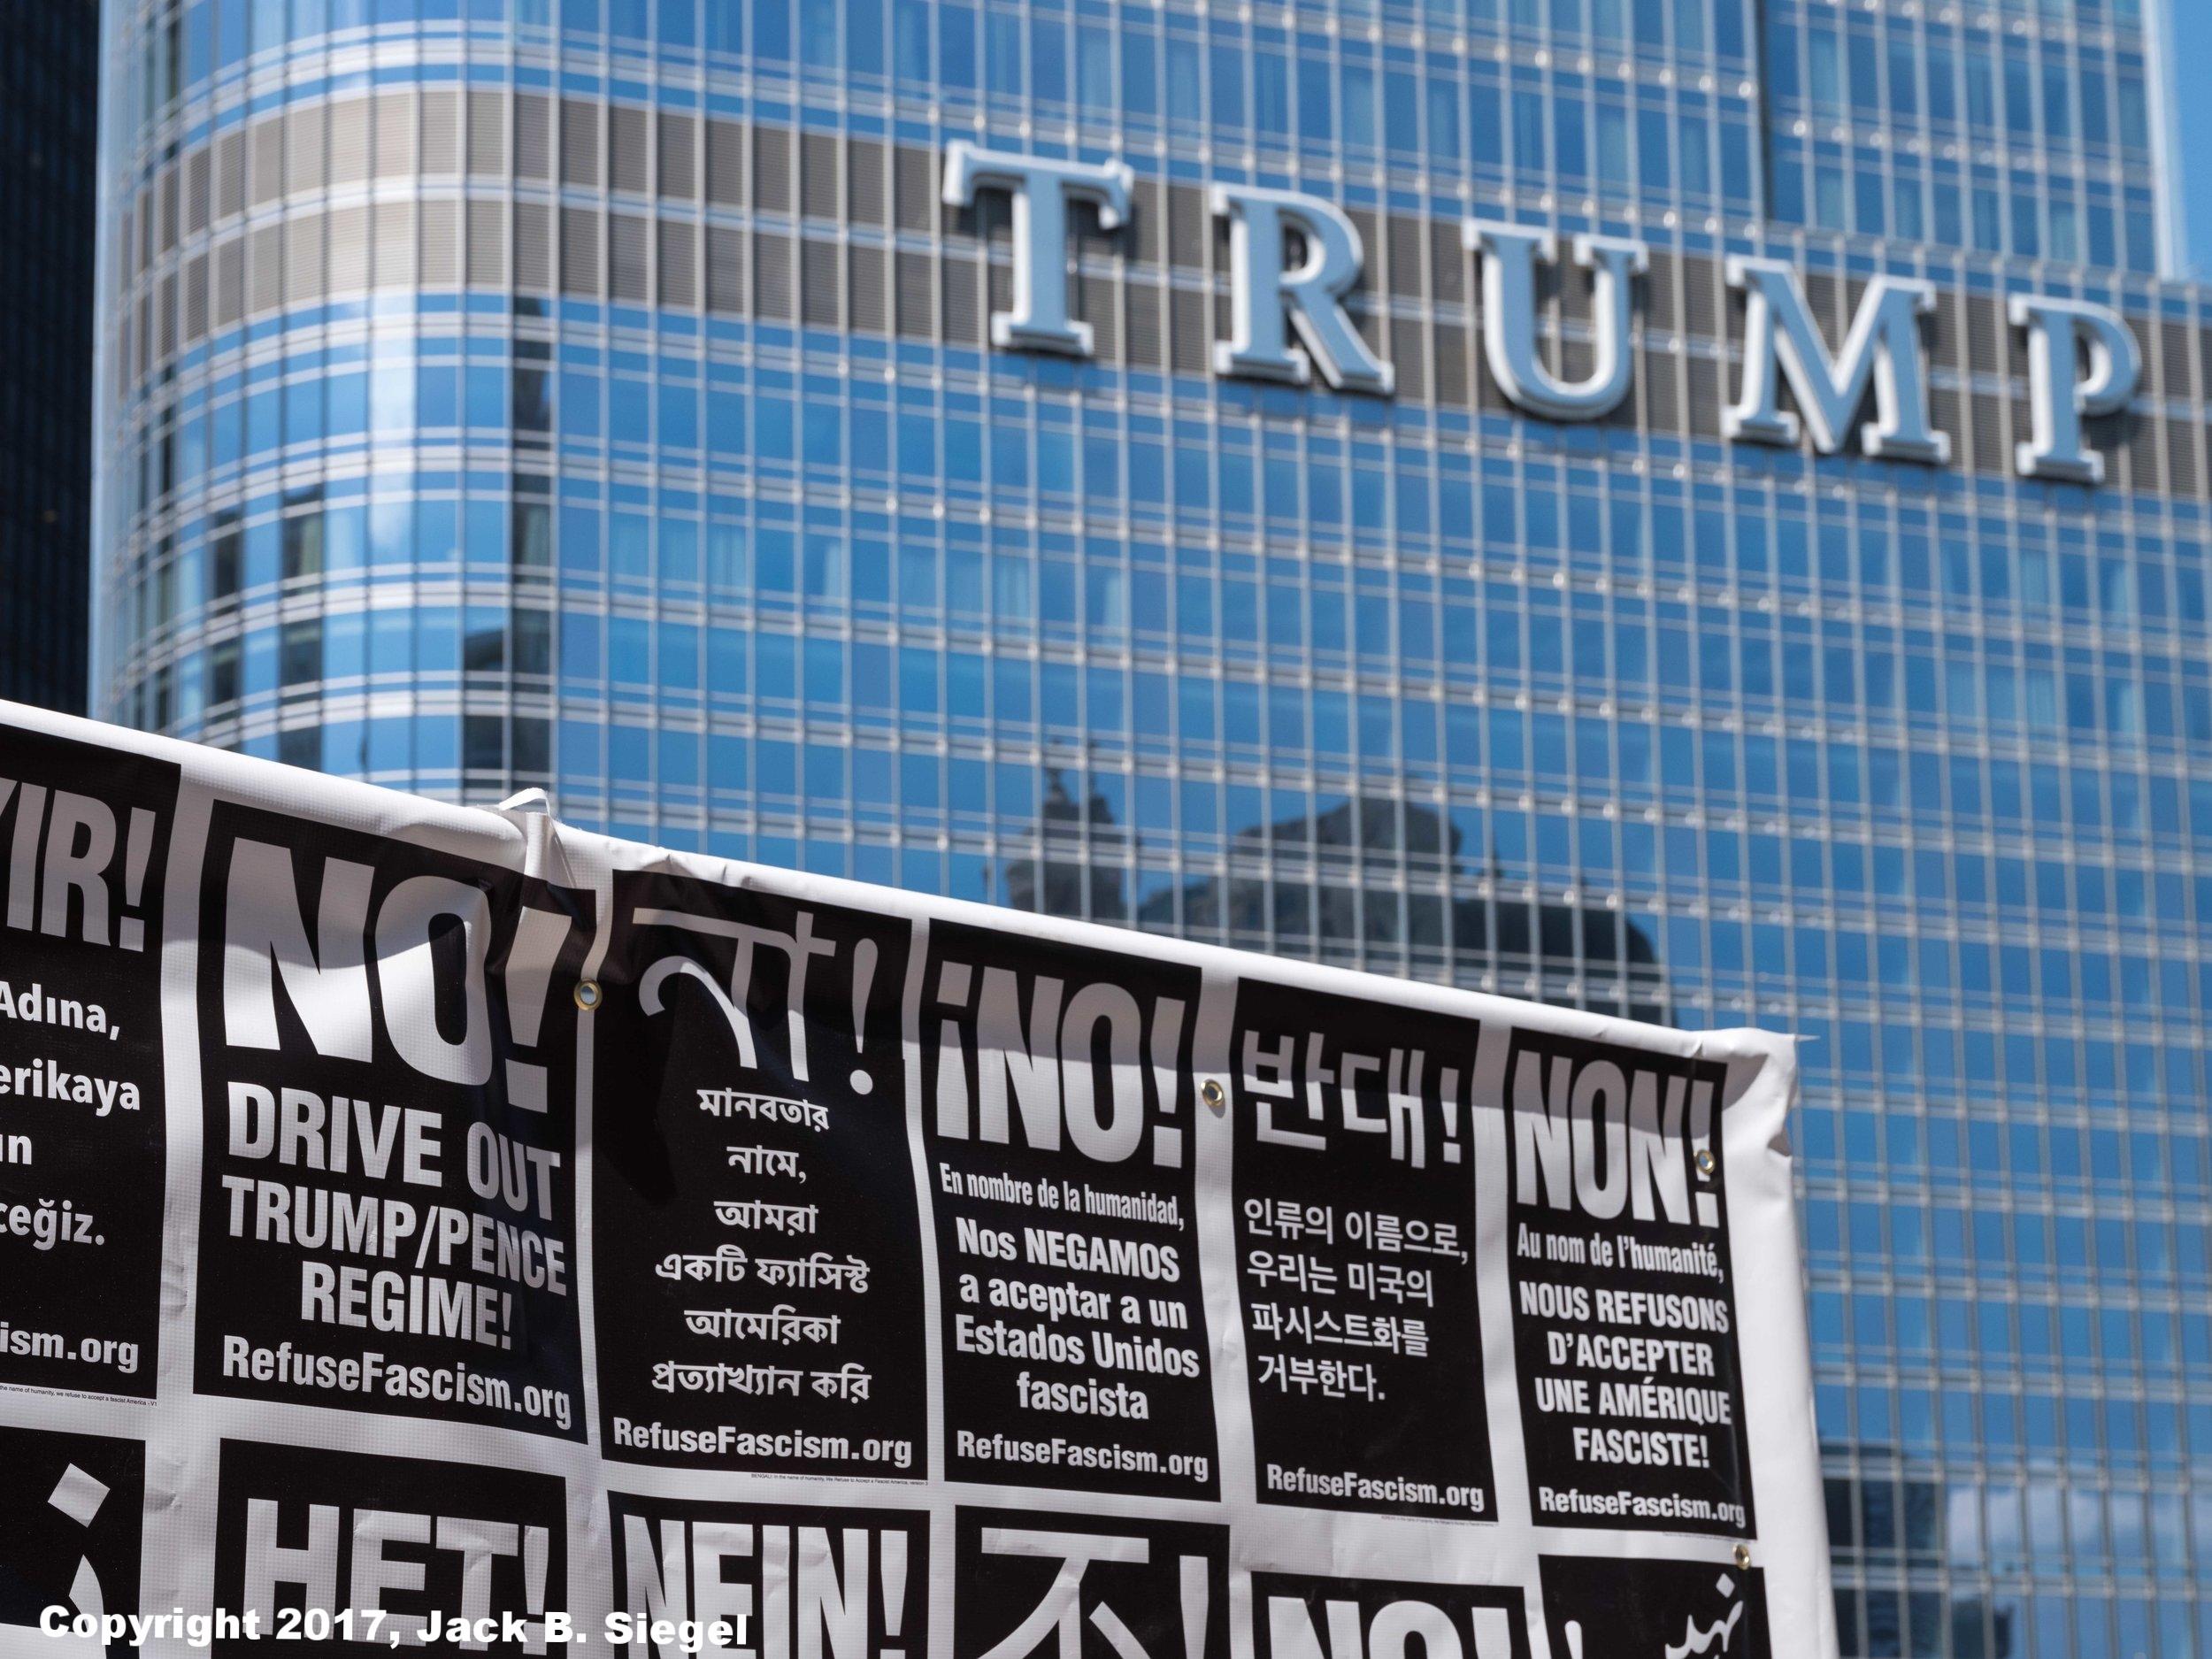 No Trump or Pence